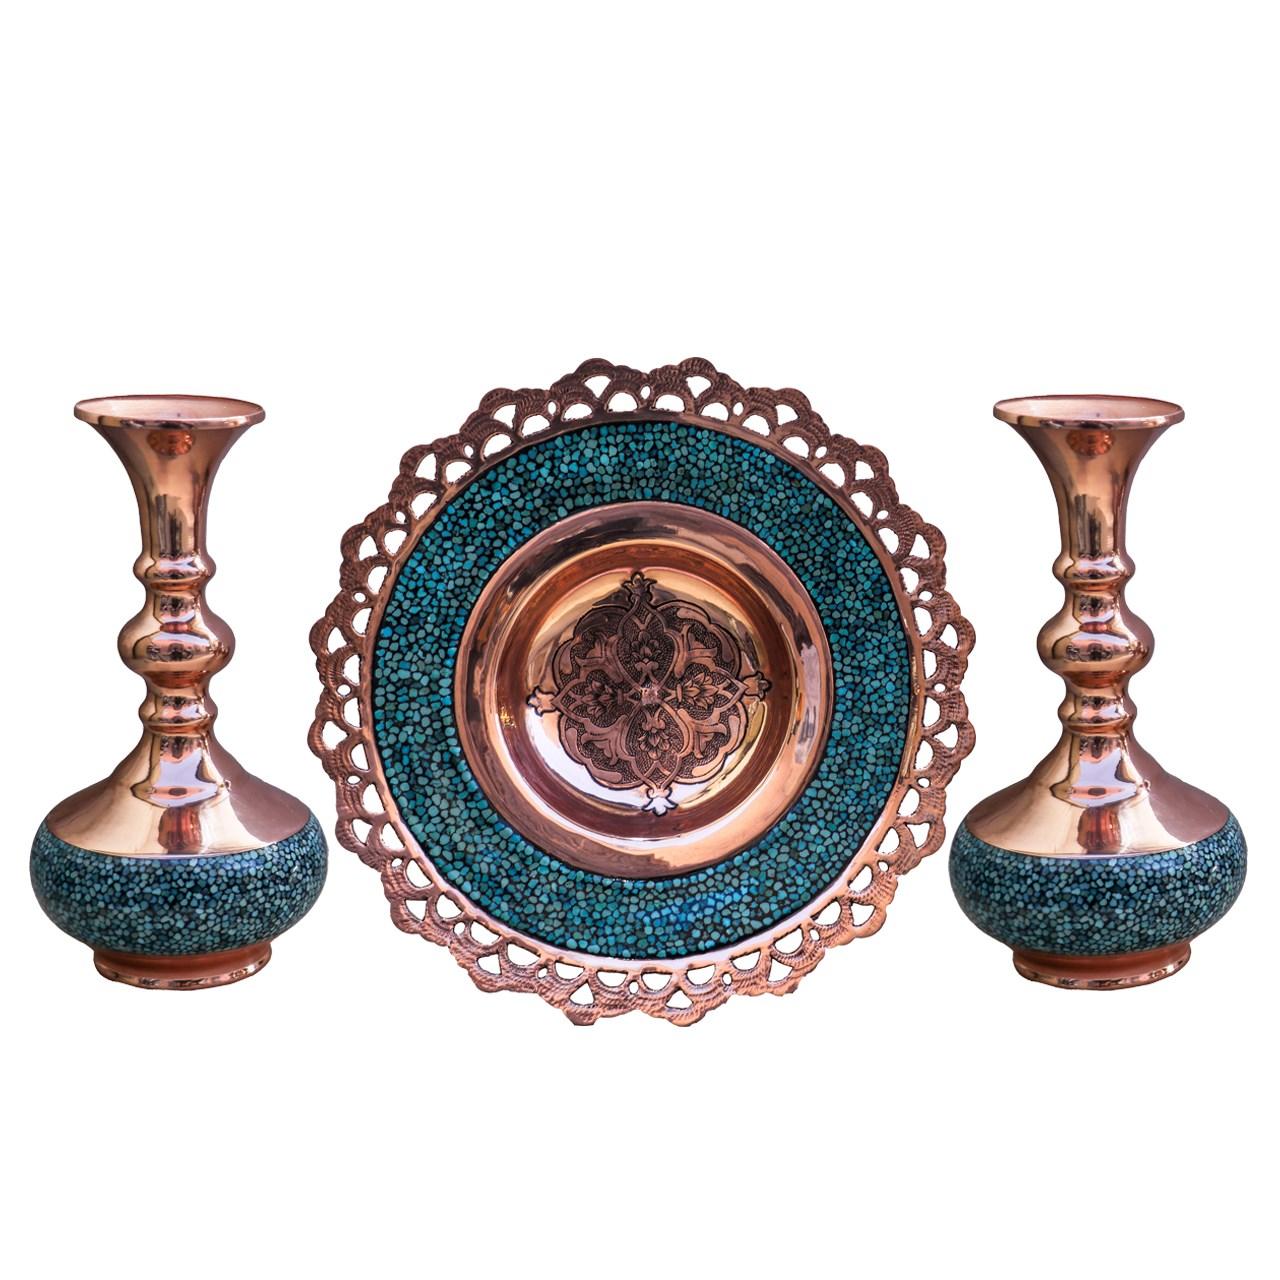 عکس شیرینی خوری و گلدان فیروزه کوب مدل369446 مجموعه سه عددی گالری جعفری